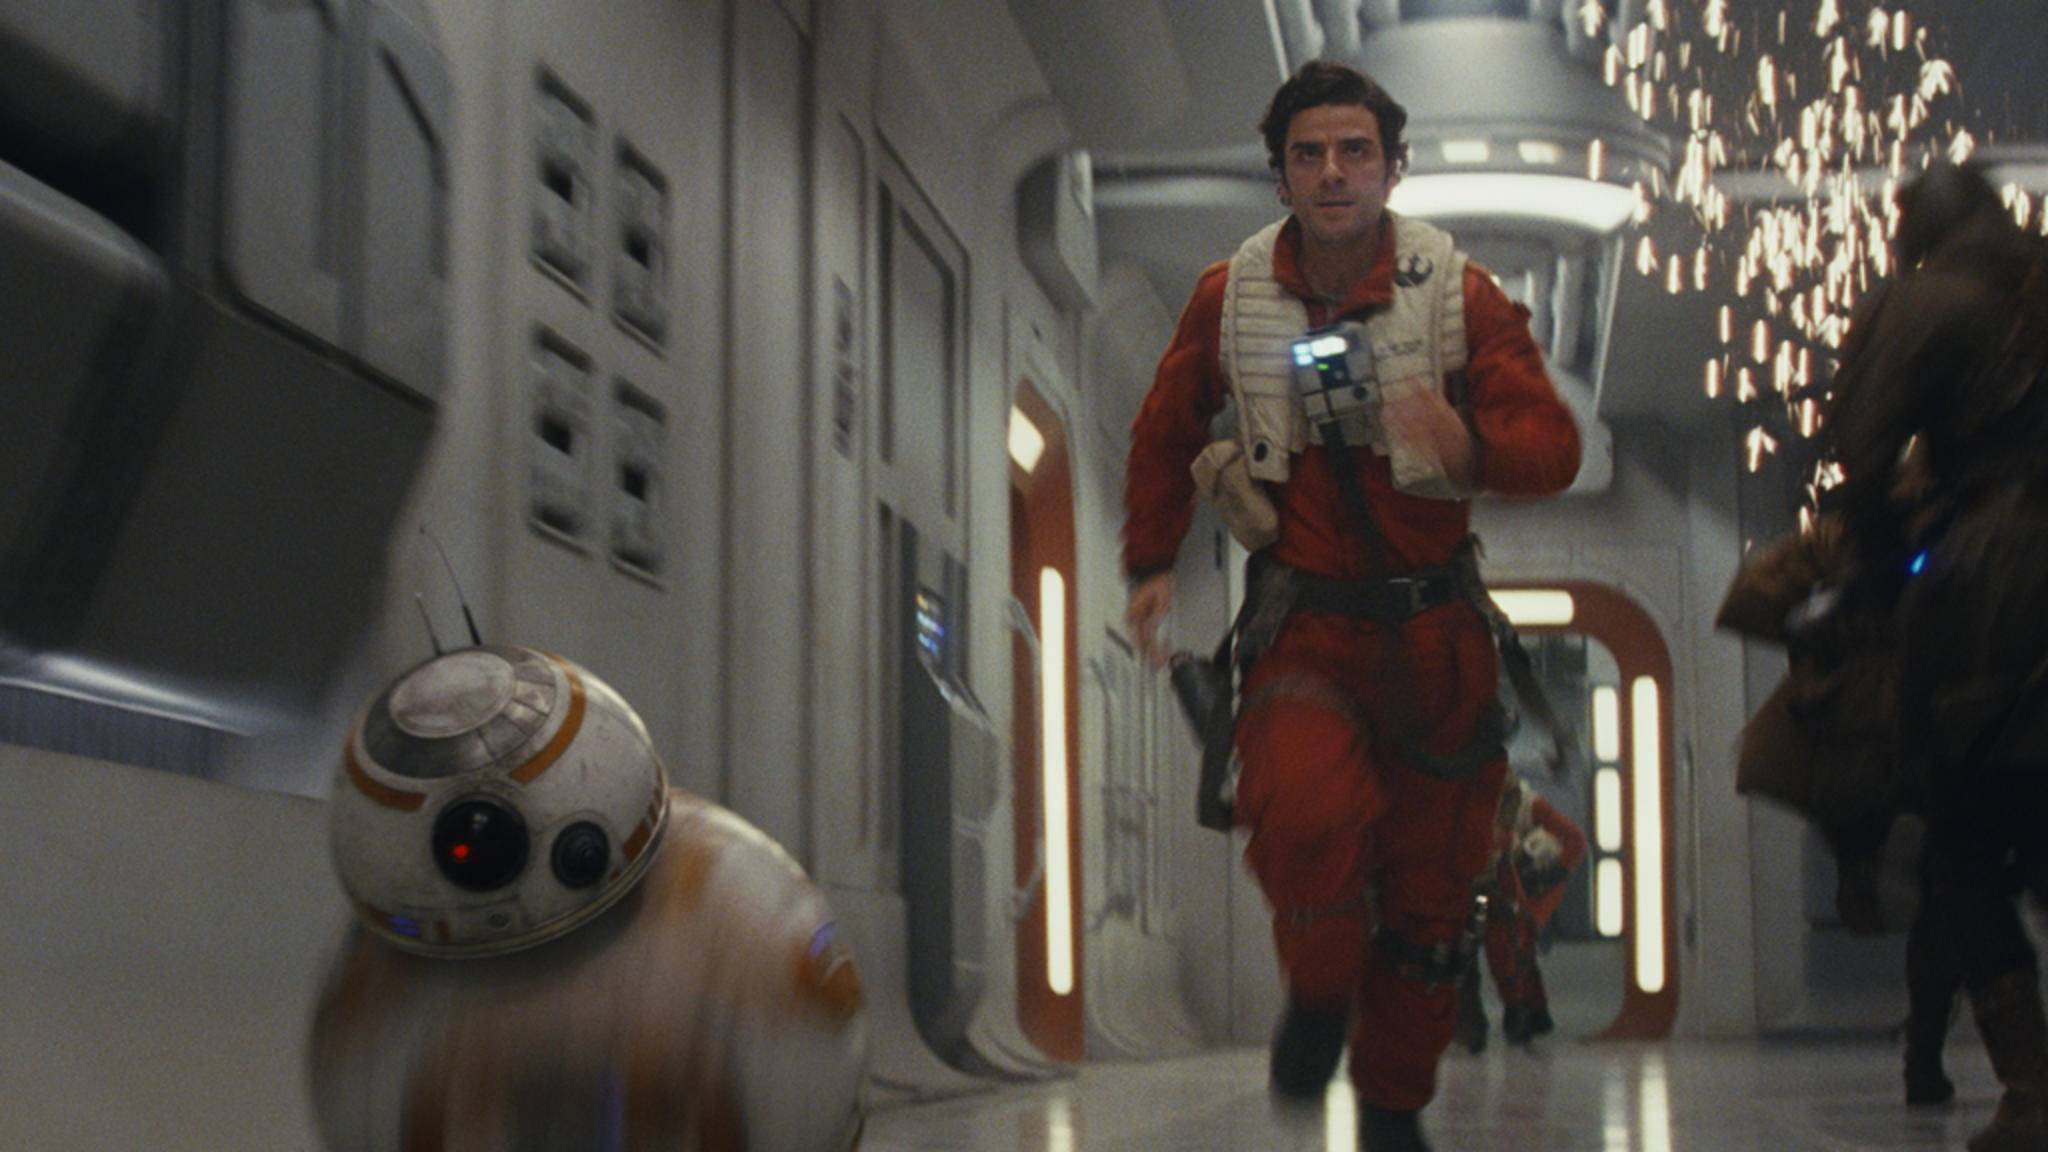 """Auch von diesem Duo wollen wir in """"Star Wars 8"""" mehr sehen: BB-8 und Poe Dameron."""